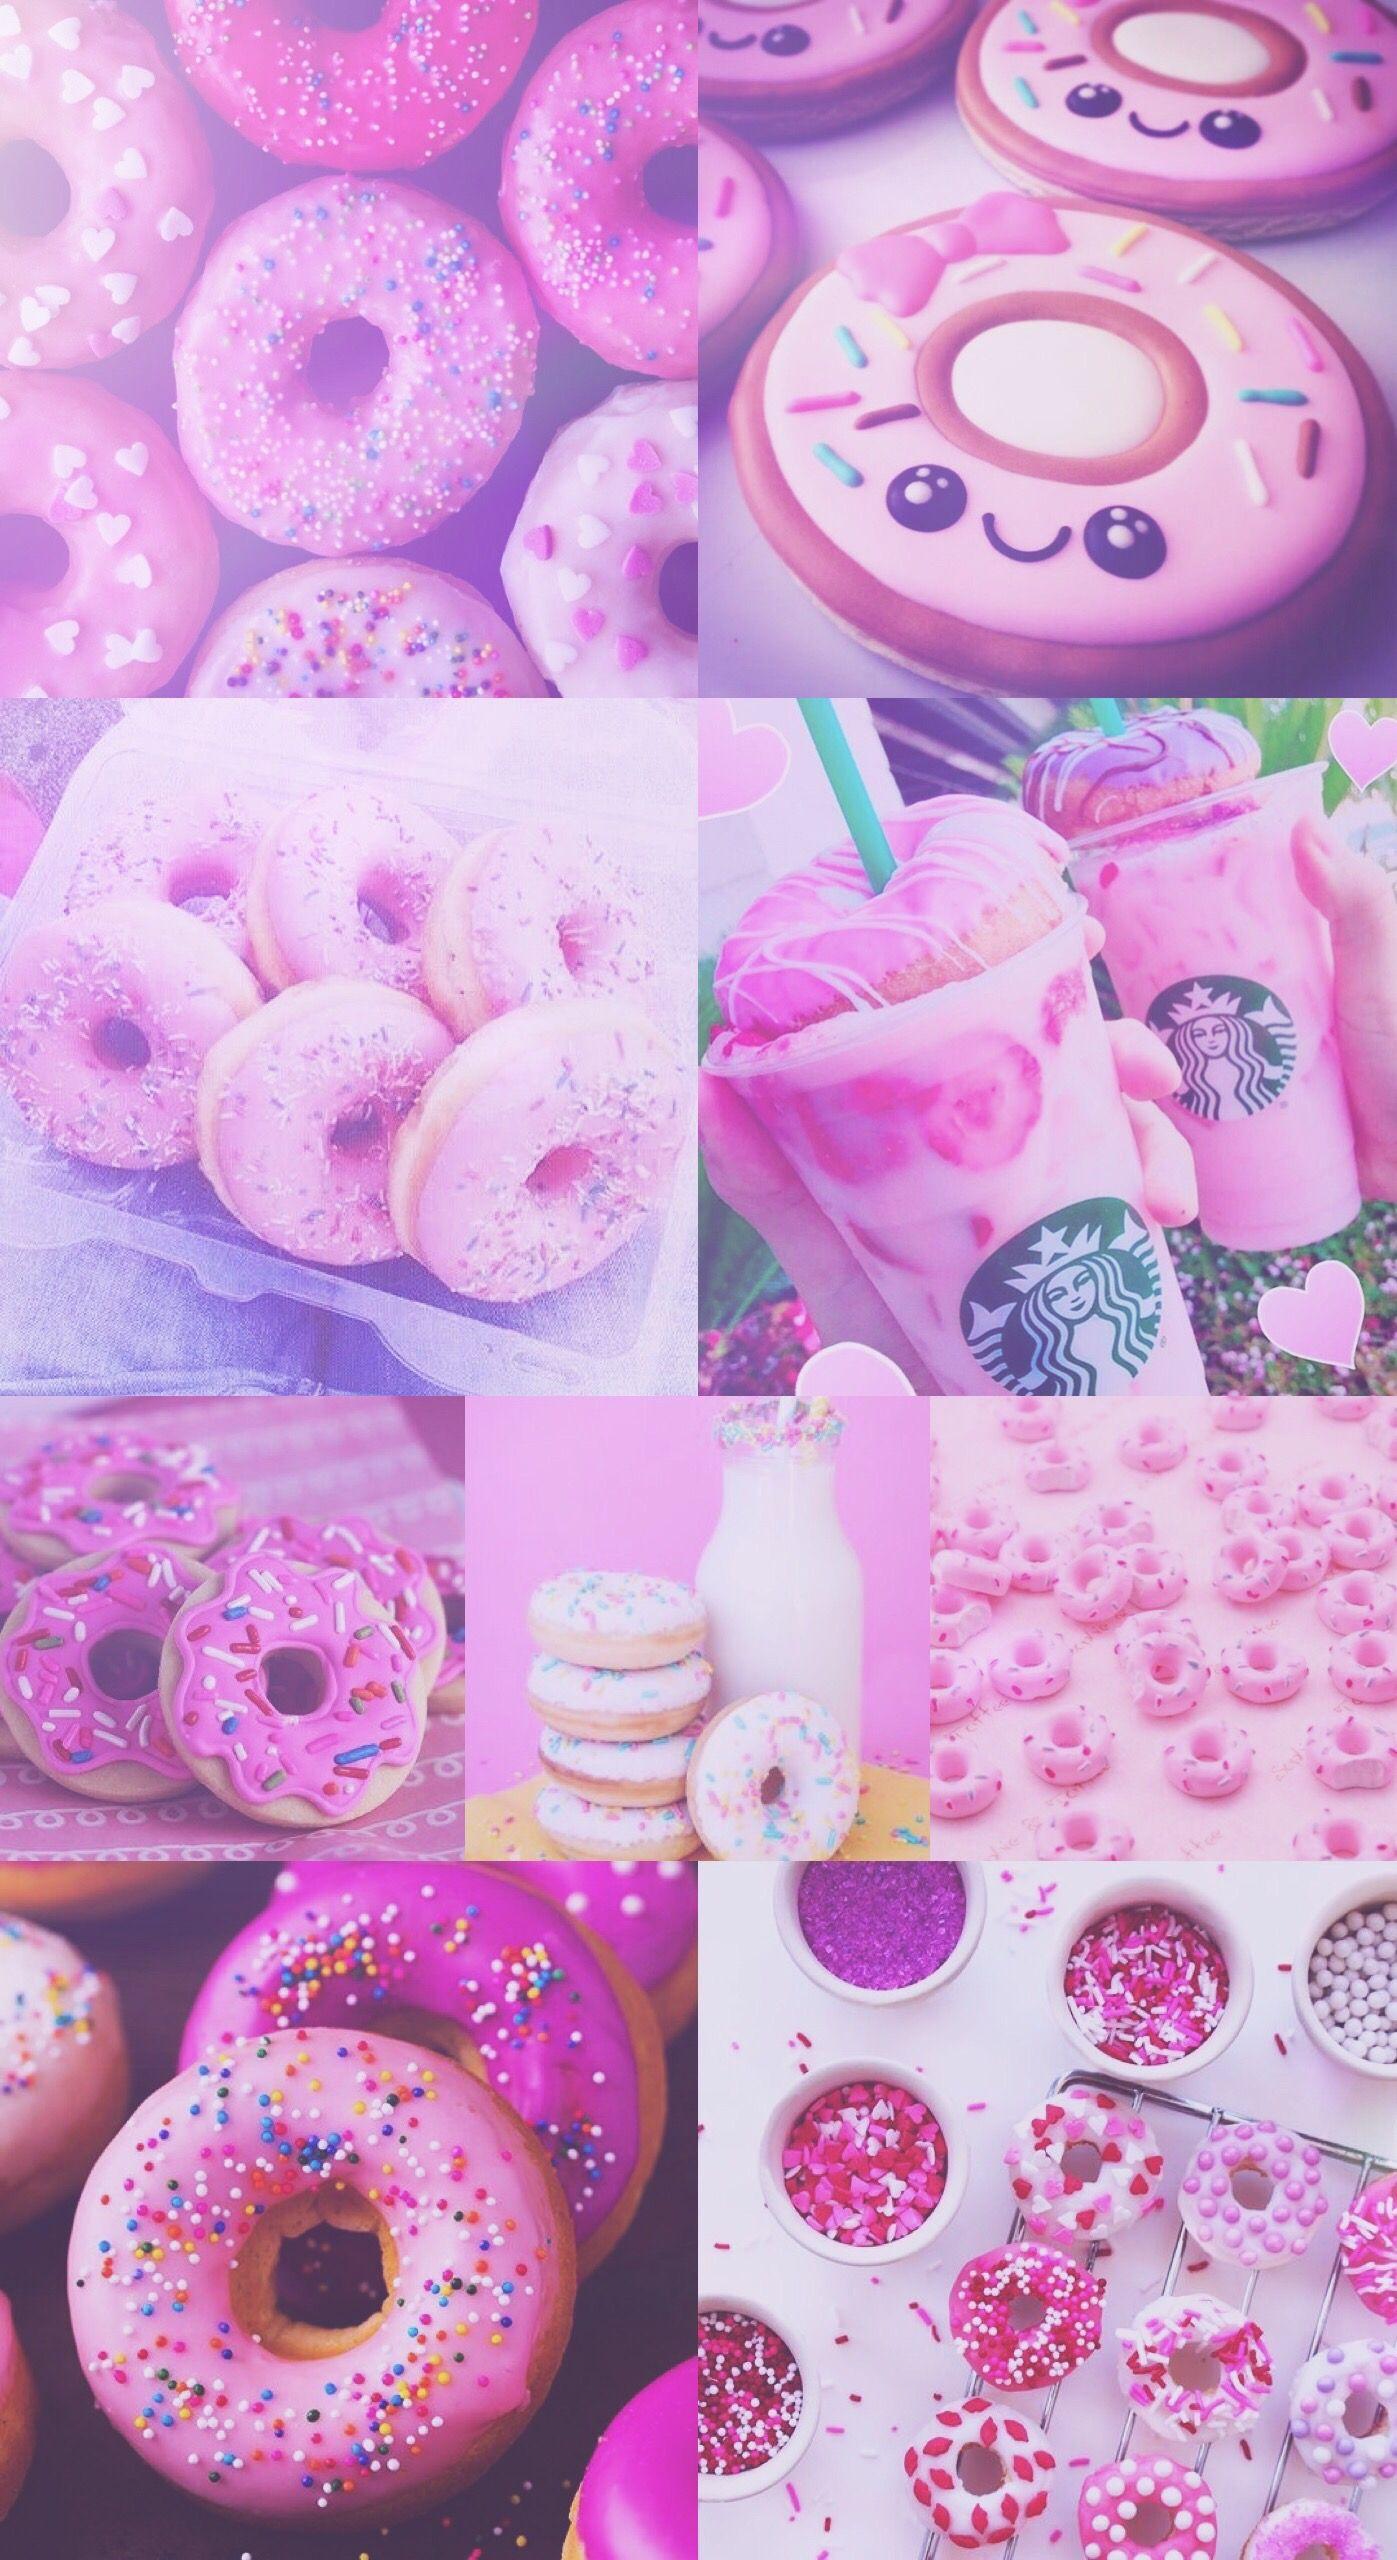 donut, donuts, pink, purple, pretty, Starbucks, wallpaper